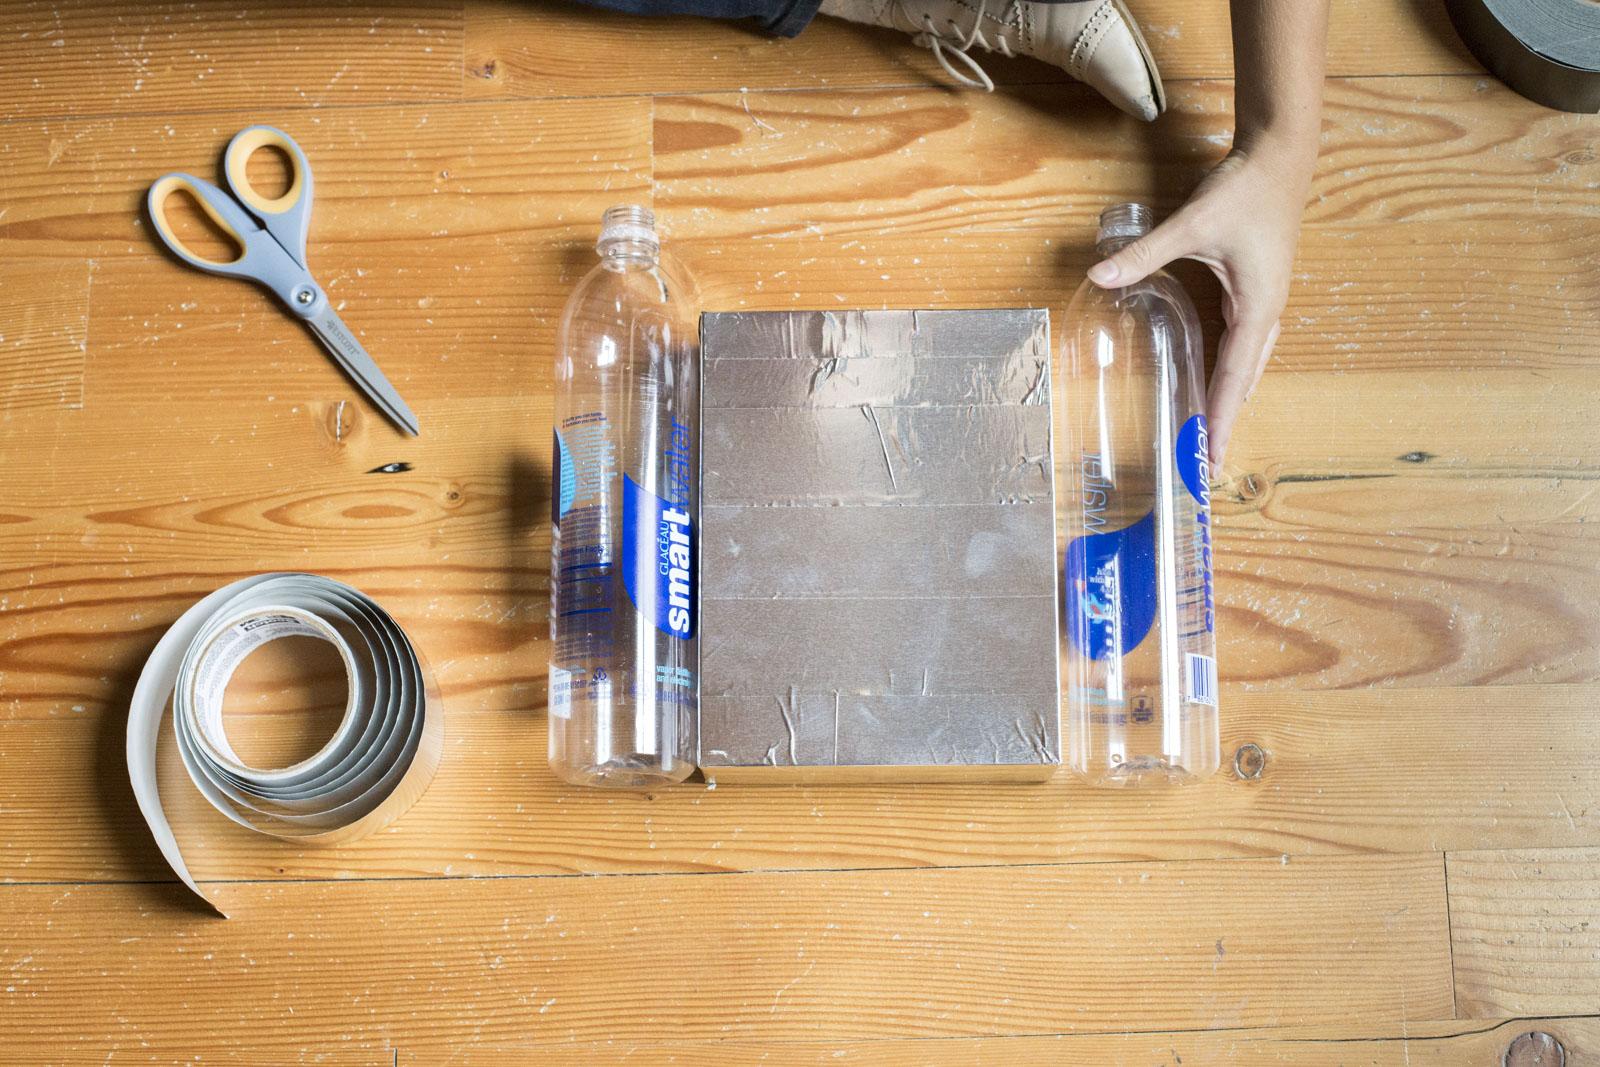 covering box in foil tape